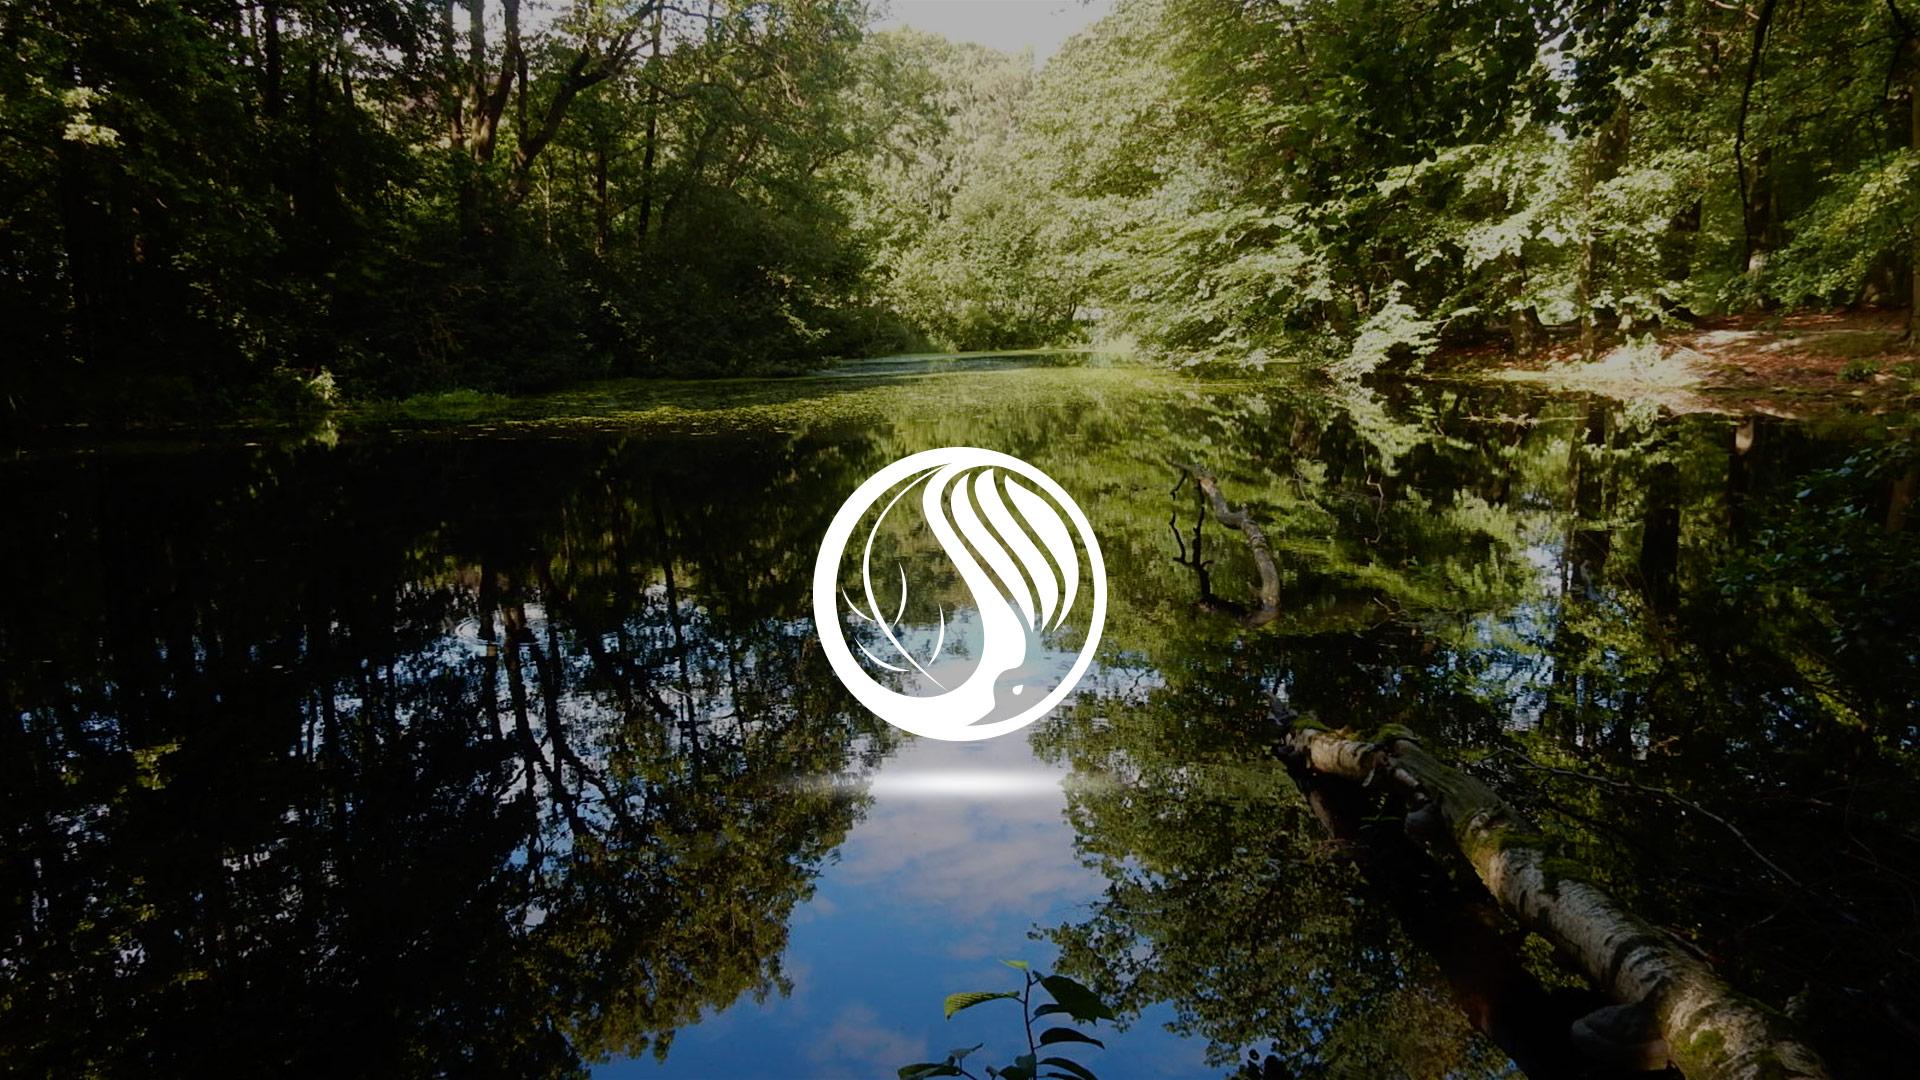 Gesellschaft zur Förderung von<br> Garten- und Landschaftskultur